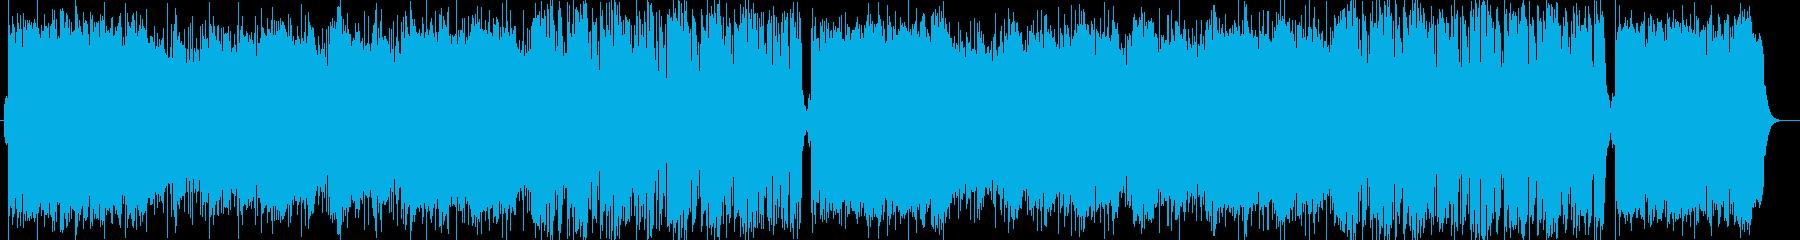 爽やかで明るいストリングスポップの再生済みの波形